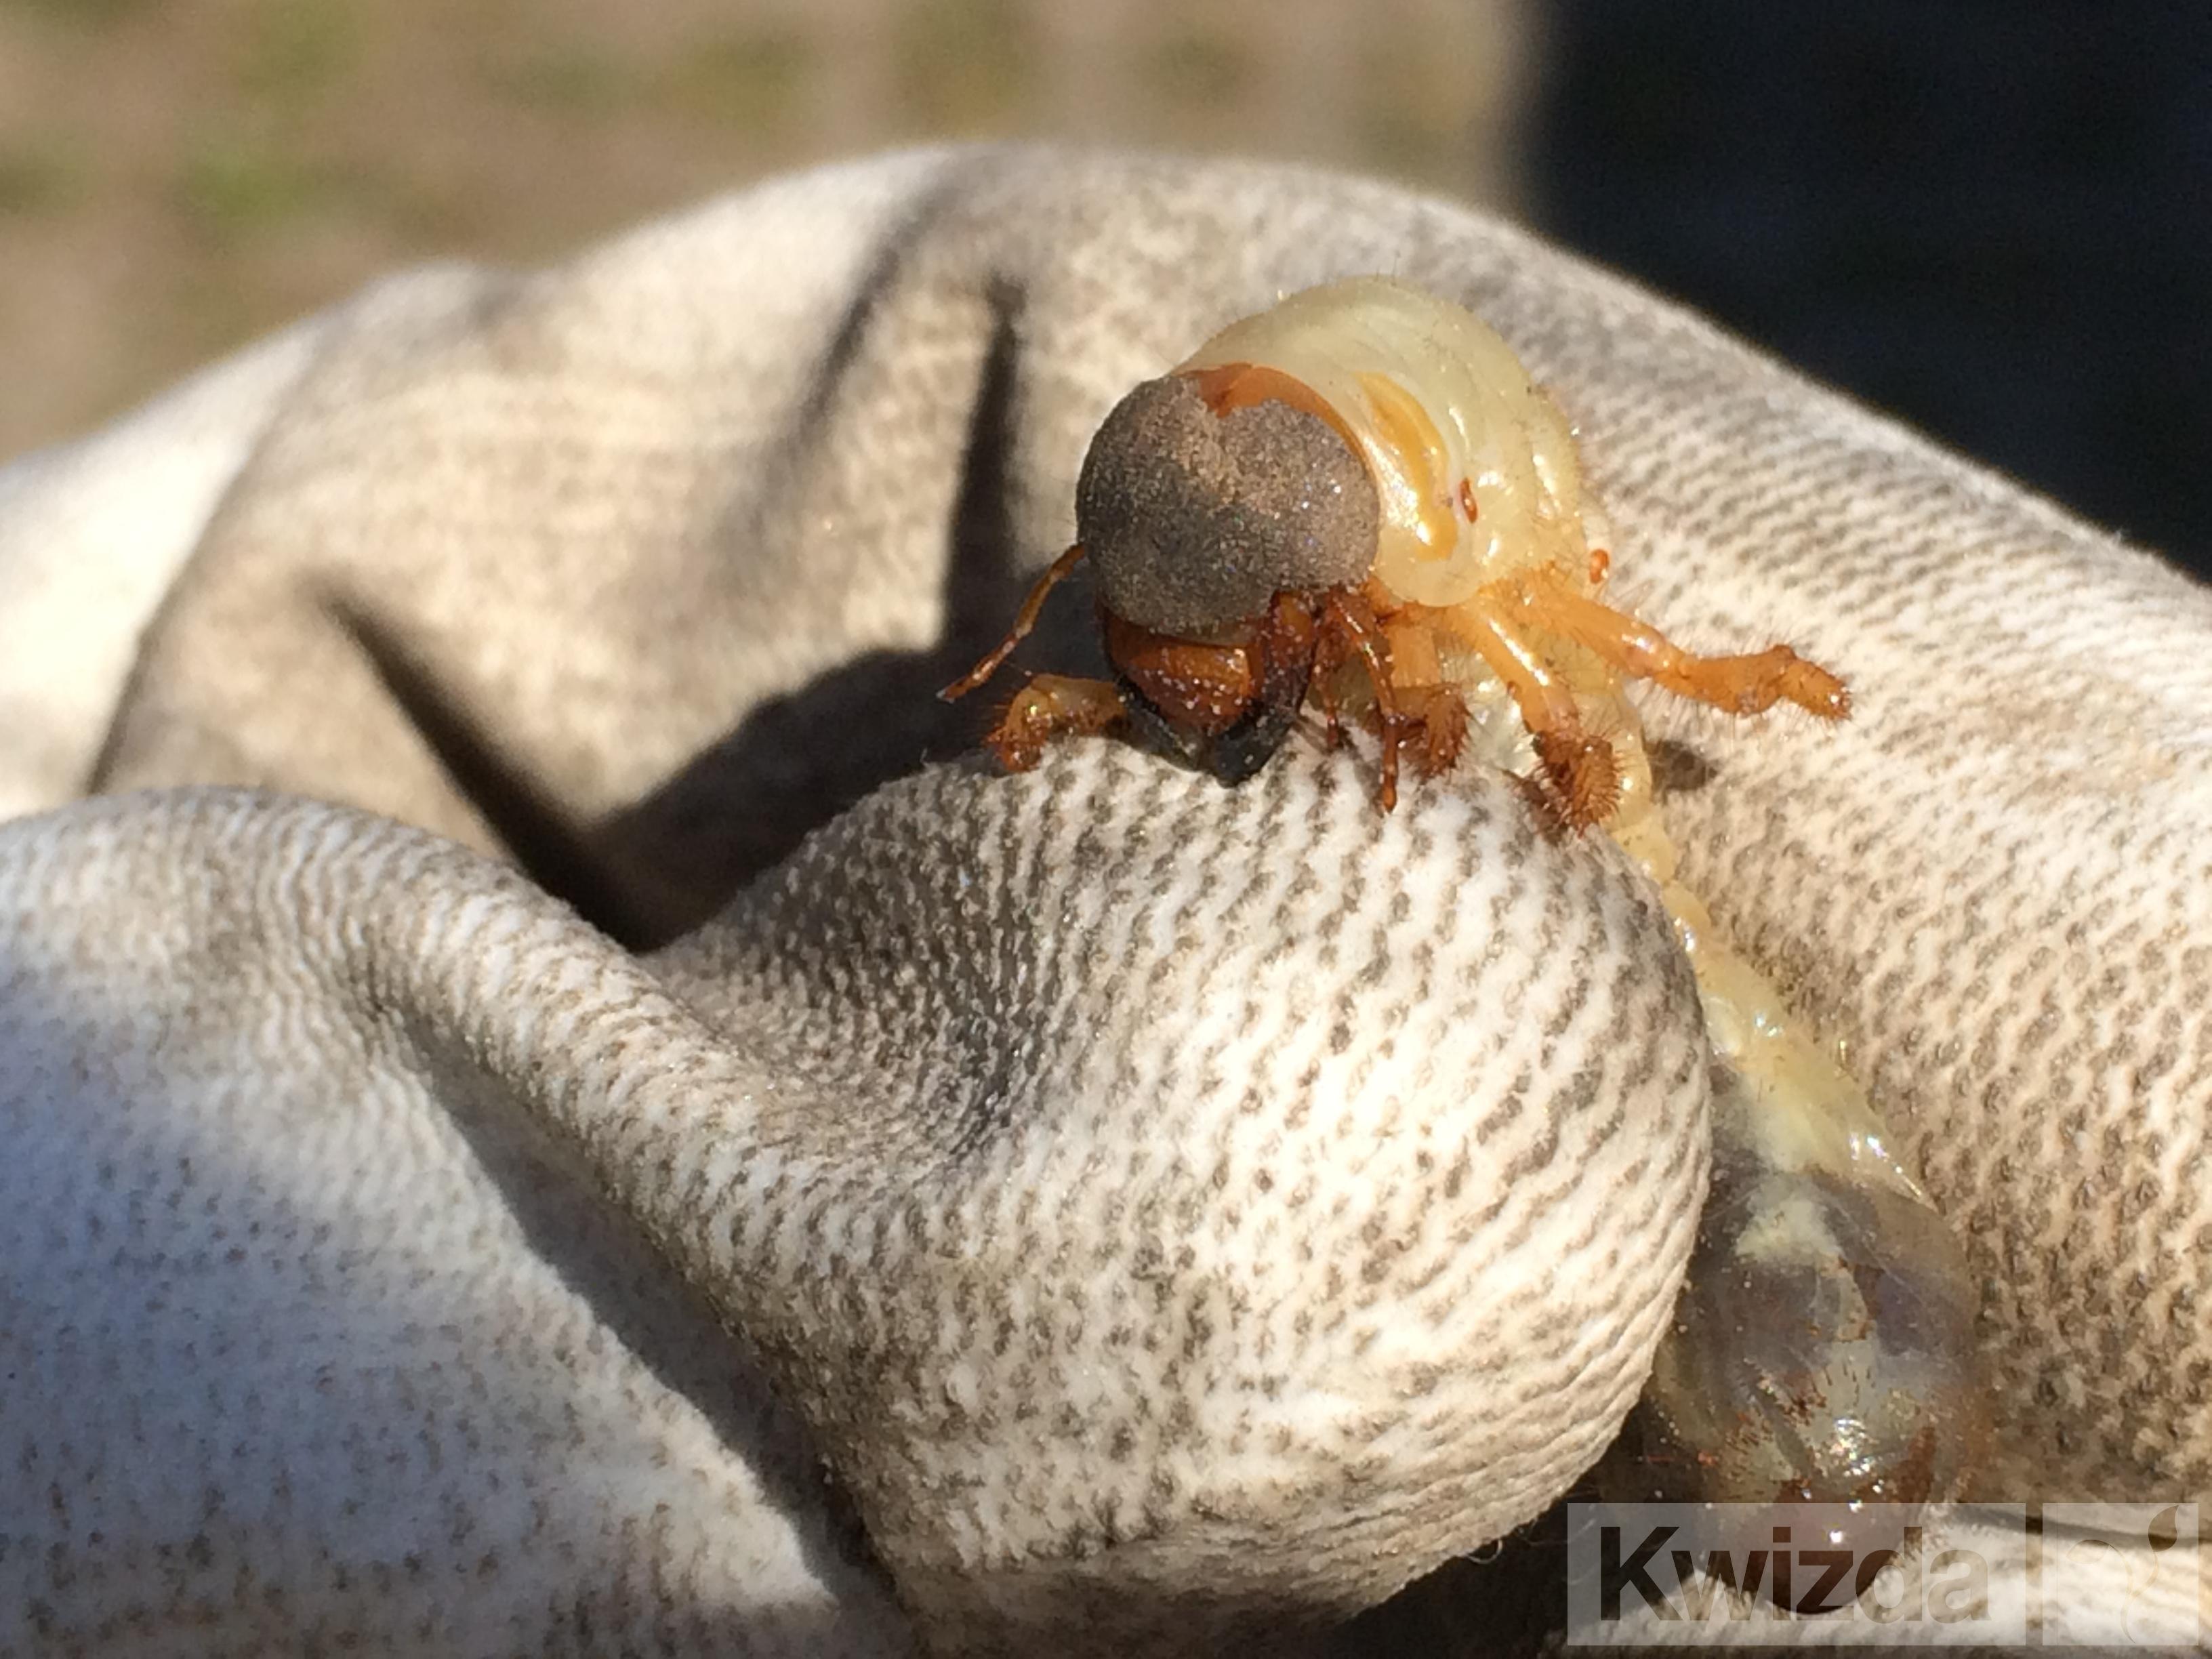 Ličinka majskega hrošča (ogrc)